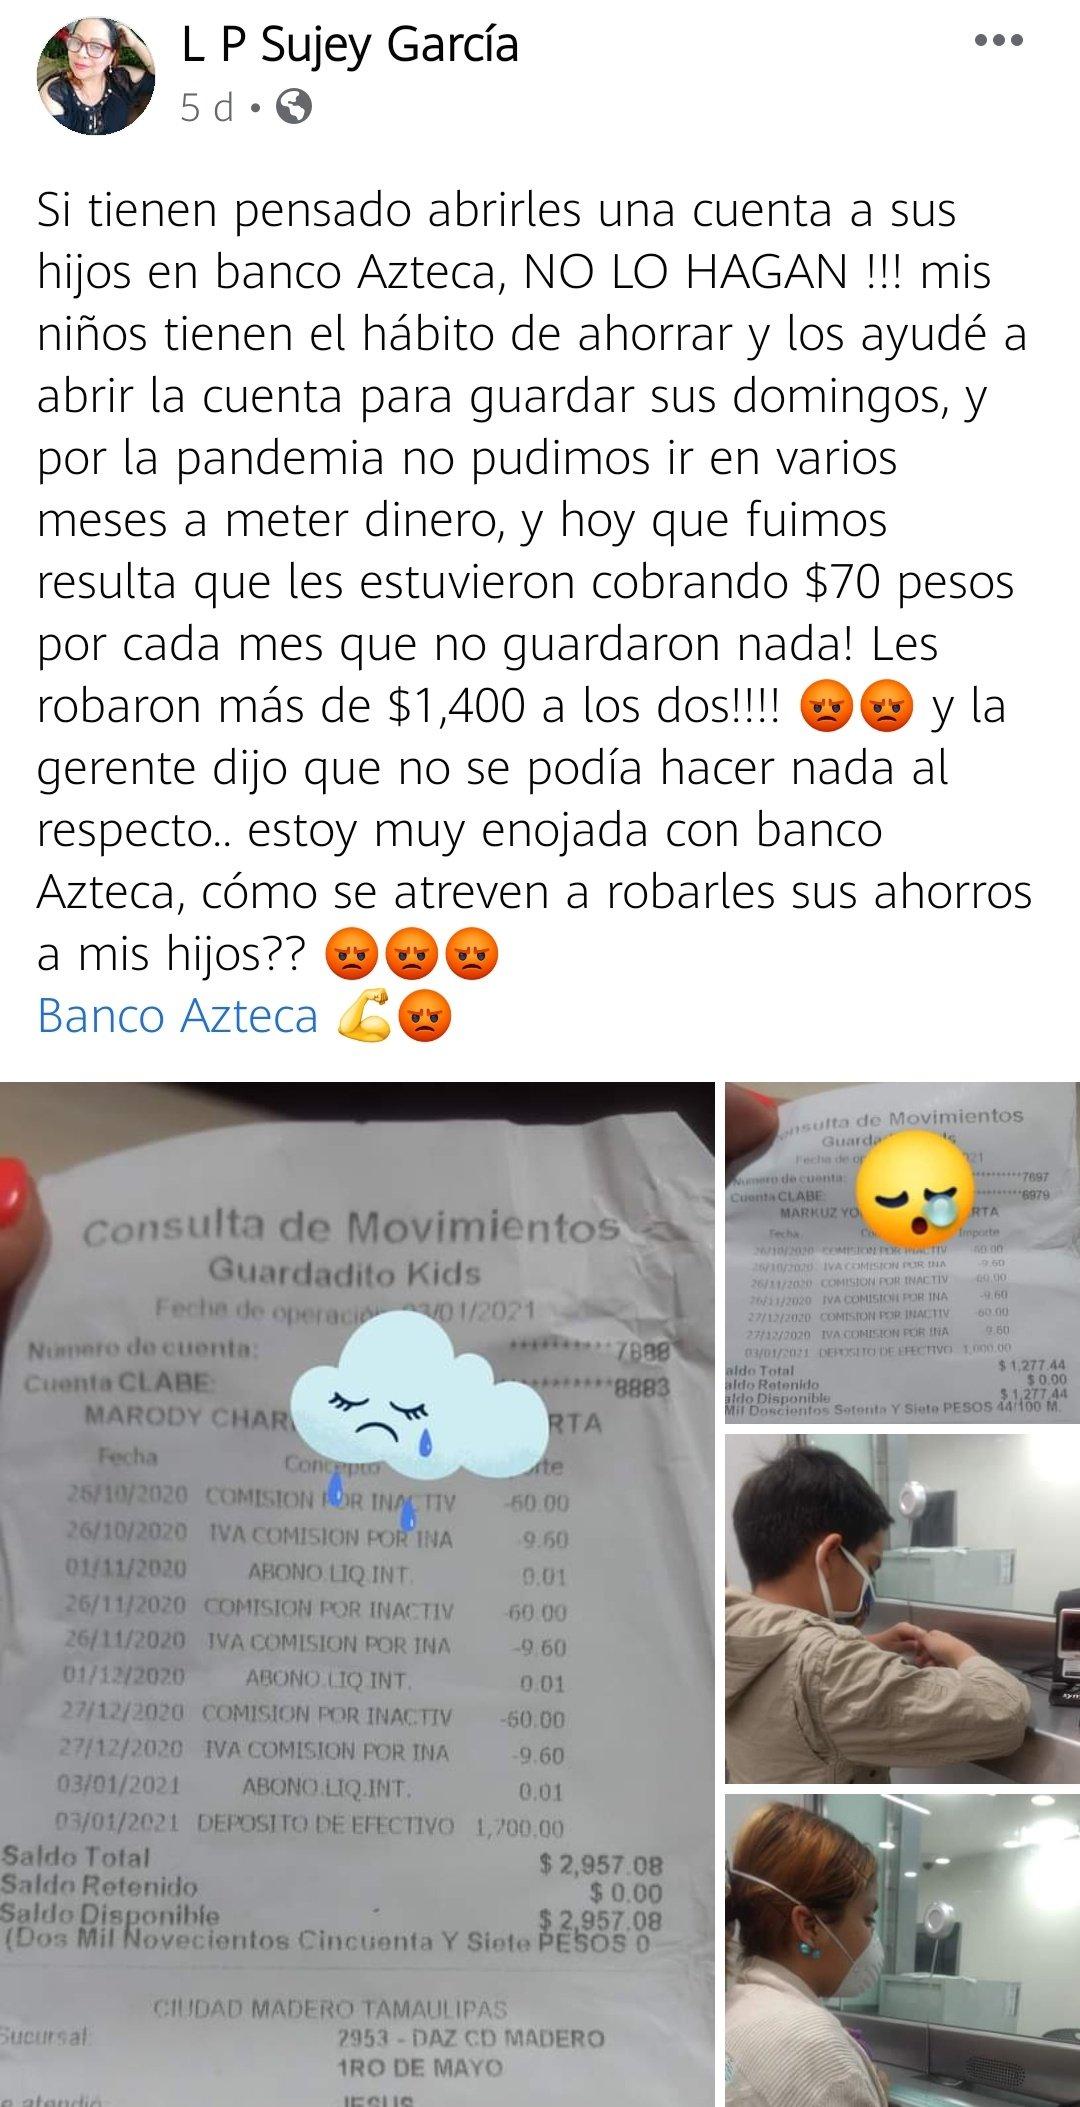 banco-azteca-ahorros-de-ninos